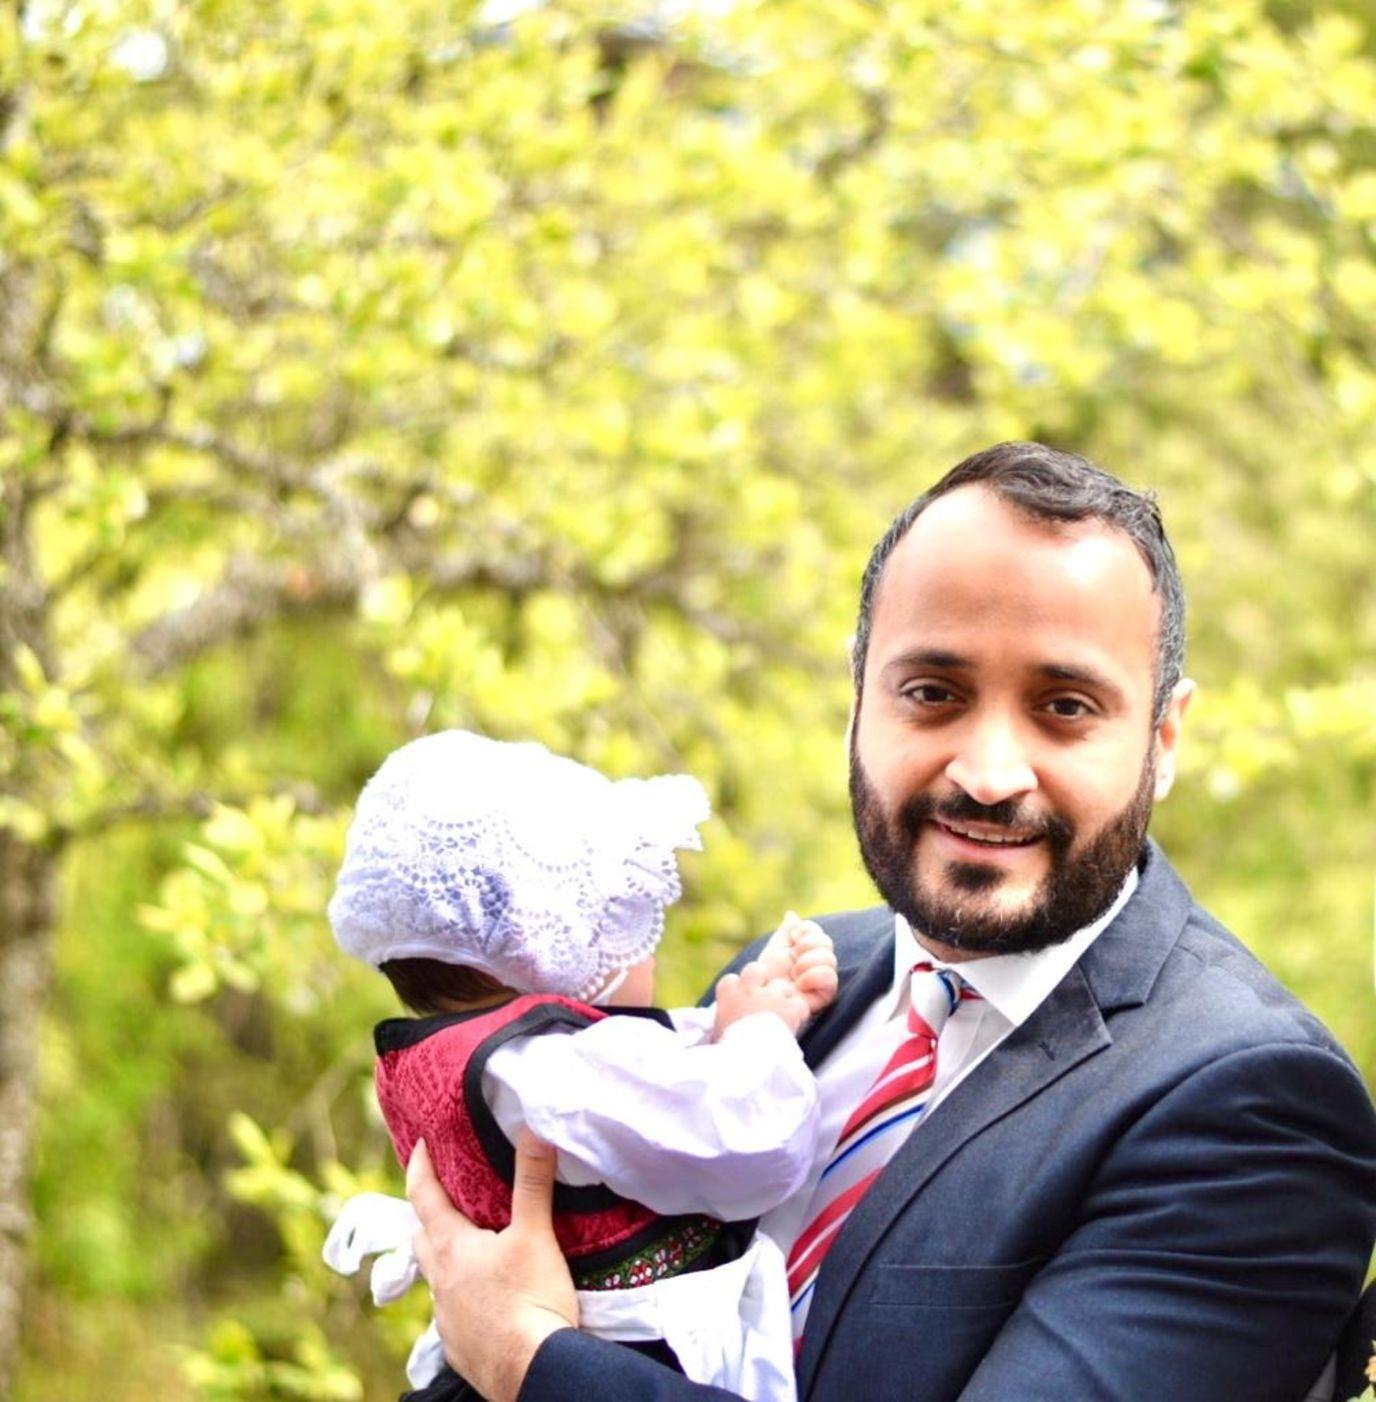 En mann kledd i dress og rødt slips står utendørs foran grønne trær. Han holder den lille datteren sin, som er kledd i bunad og kyse og har ryggen til kamera.